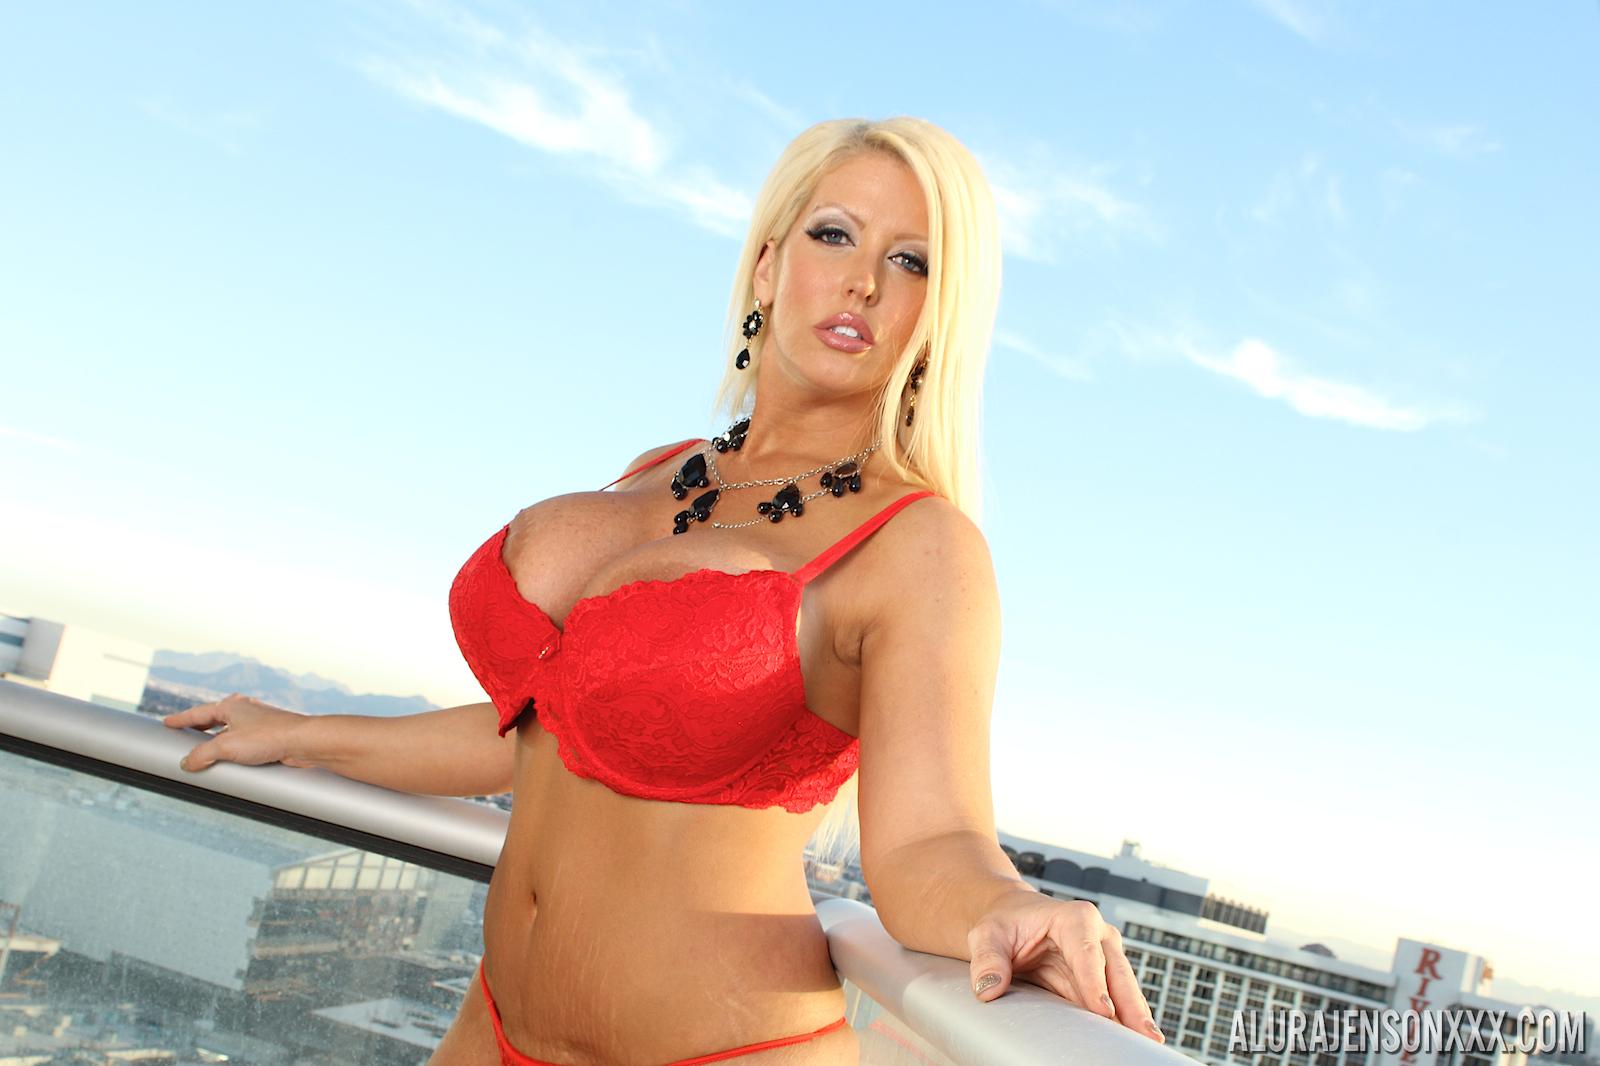 Пышная блондинка Alura Jenson раздевается в гостиной  377628